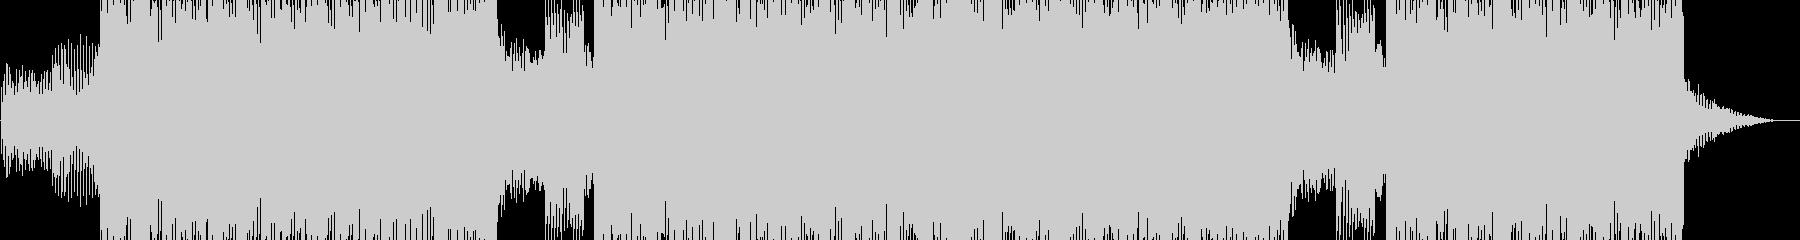 明るい雰囲気のシンセポップの未再生の波形